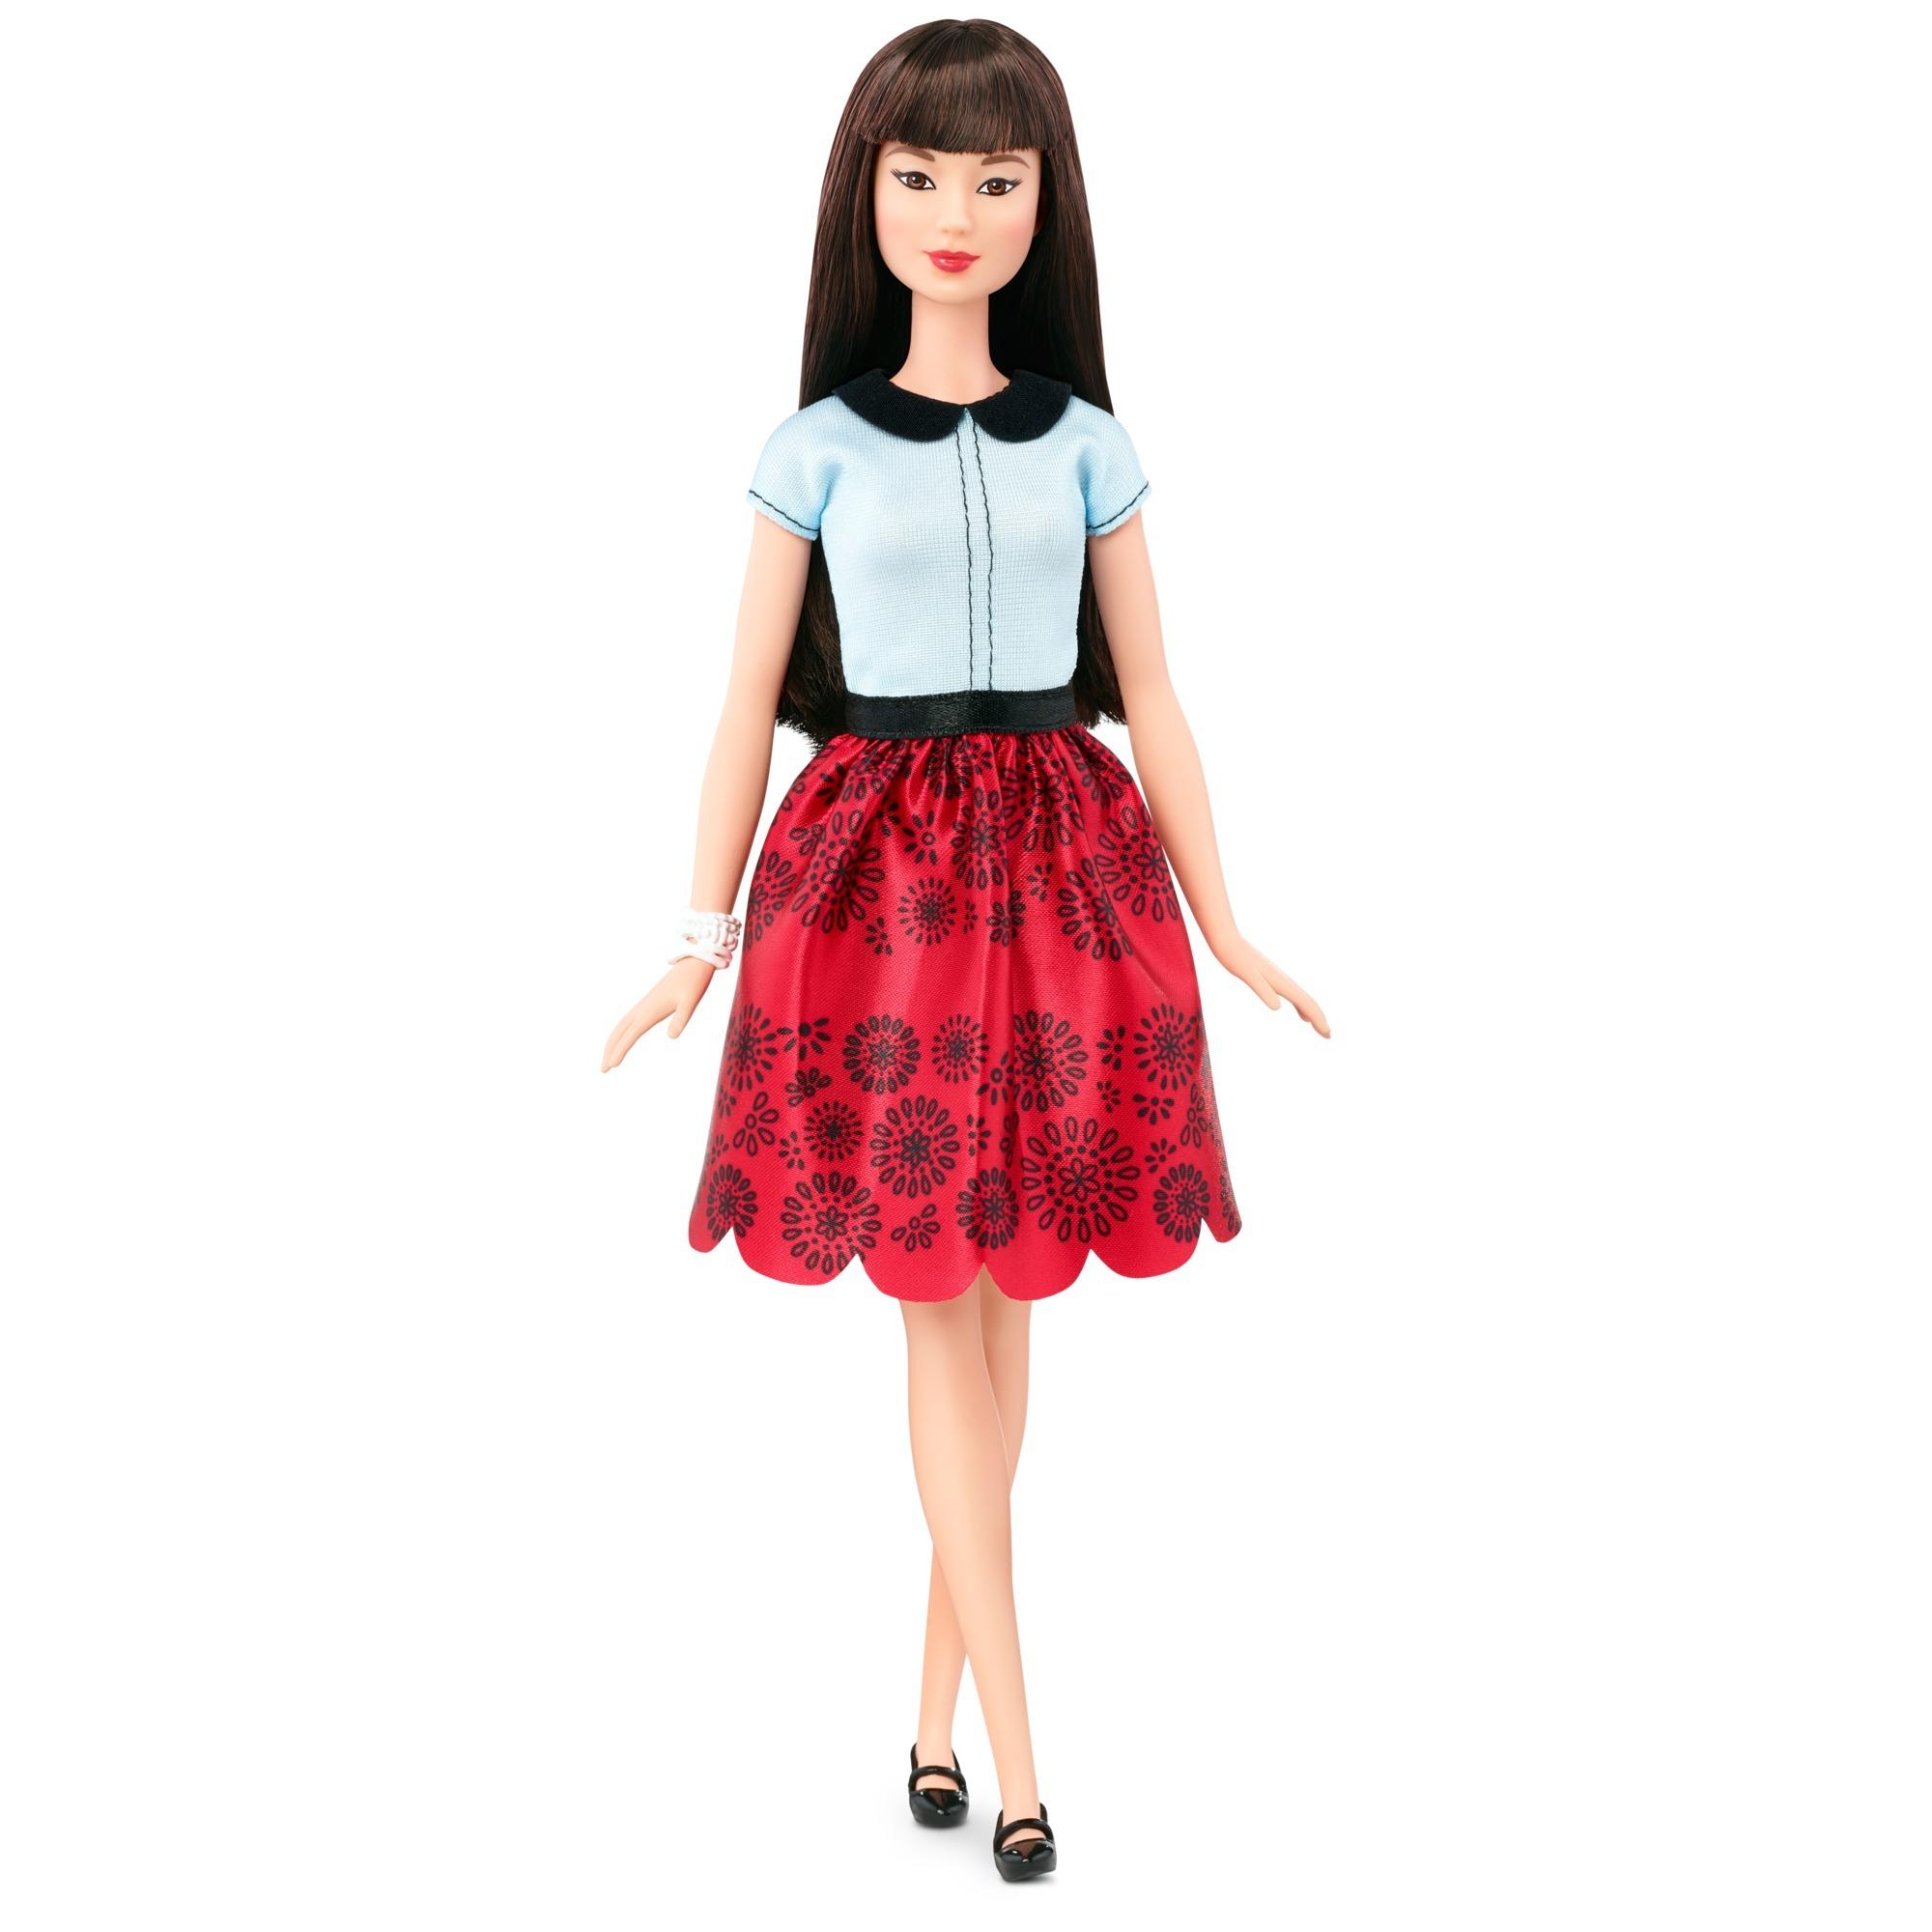 barbie-fashionista-i-rod-blomsternederdel-dukke